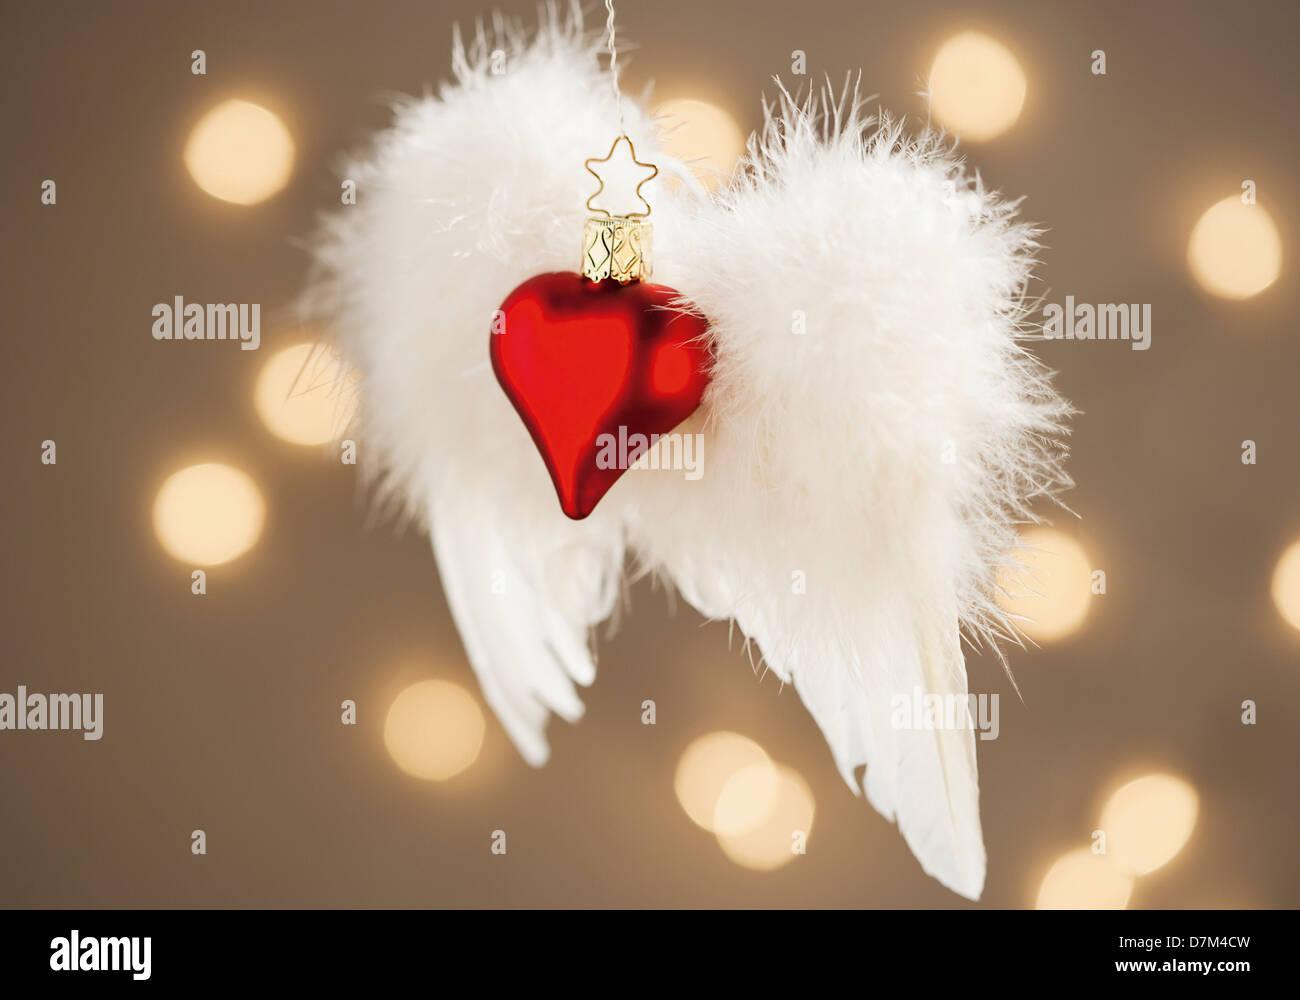 Le decorazioni di Natale con il cuore e a forma di angelo ala, close up Immagini Stock